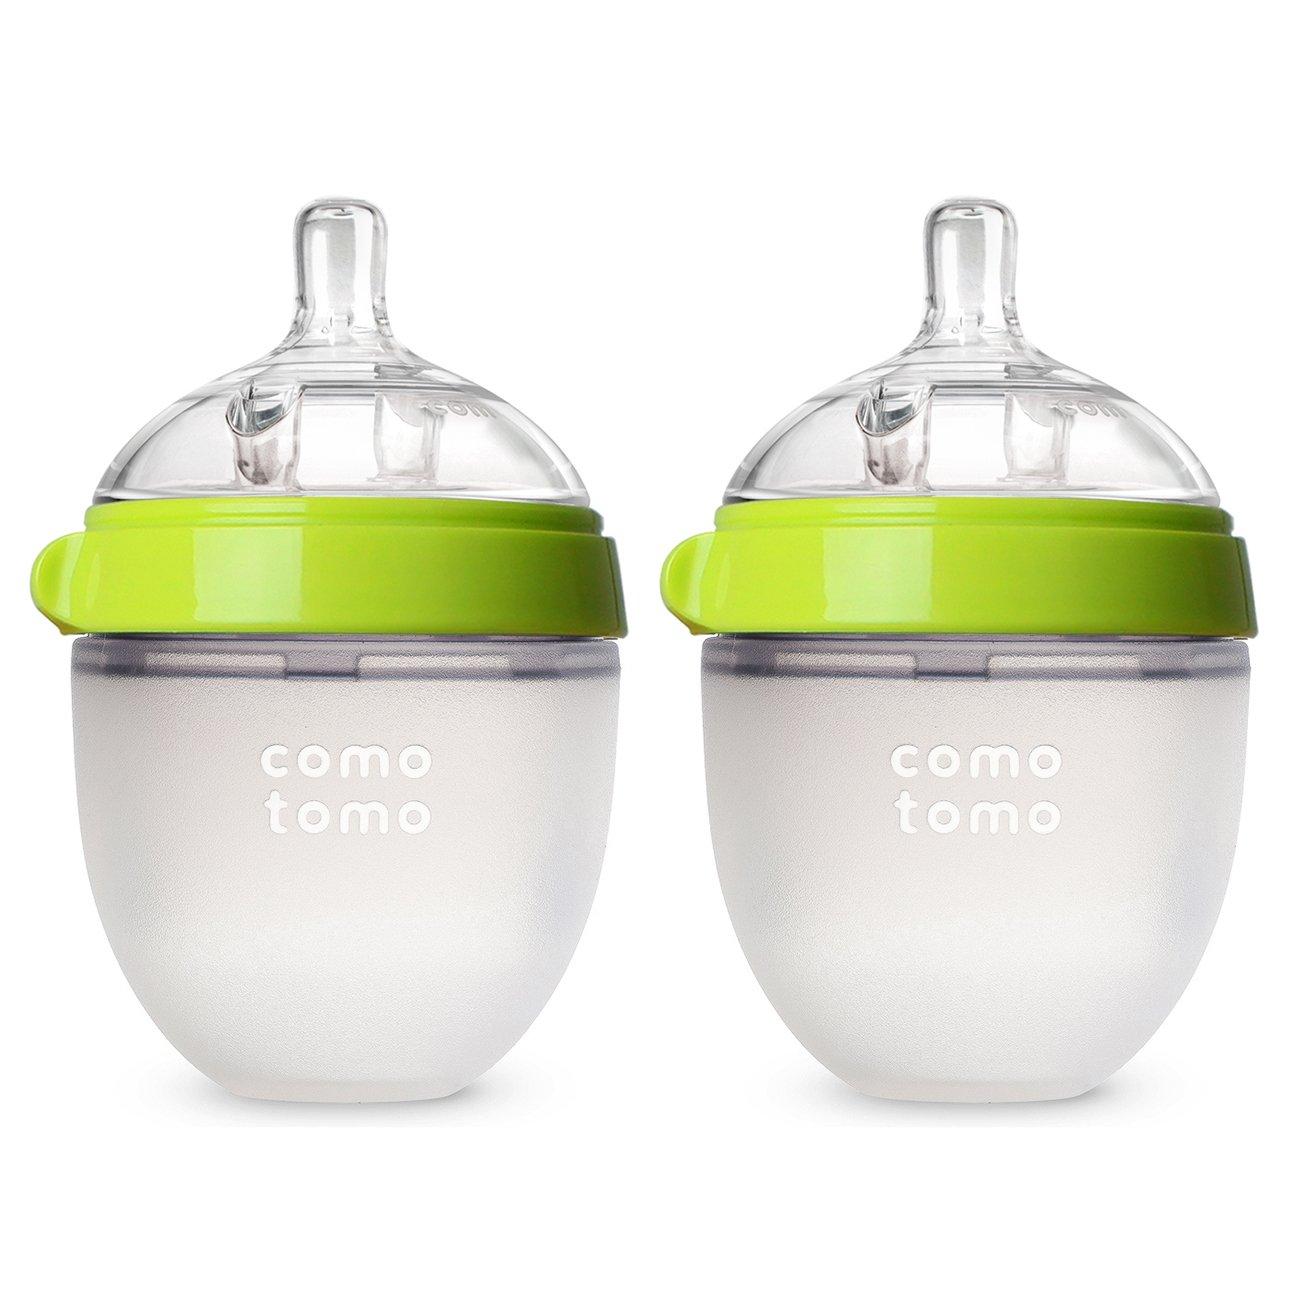 Comotomo Bottle Green Ounce Count